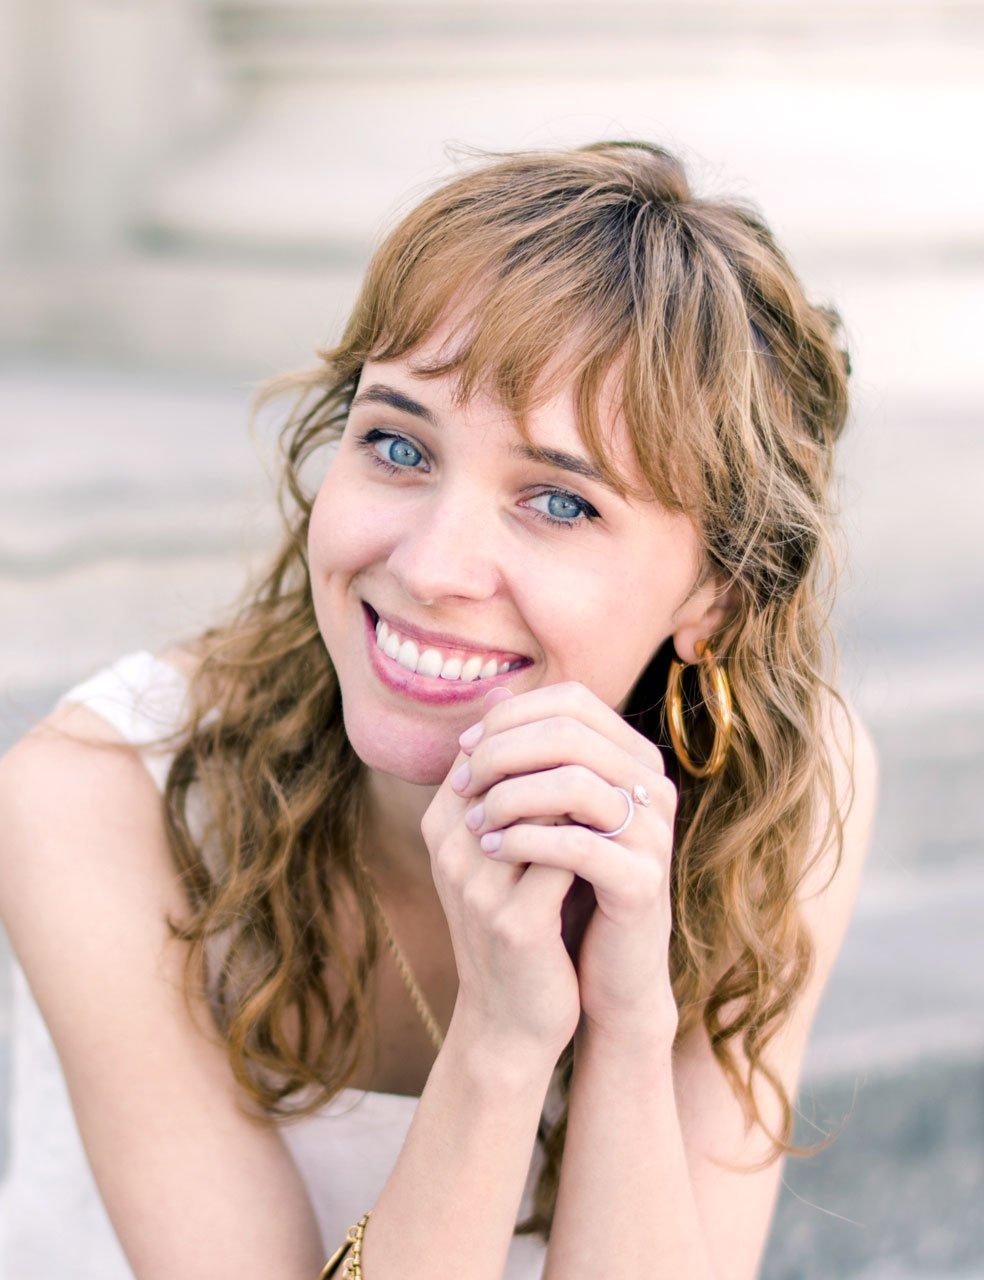 Equipo de especialistas en odontologia. Contacta con la clínica dental Oris